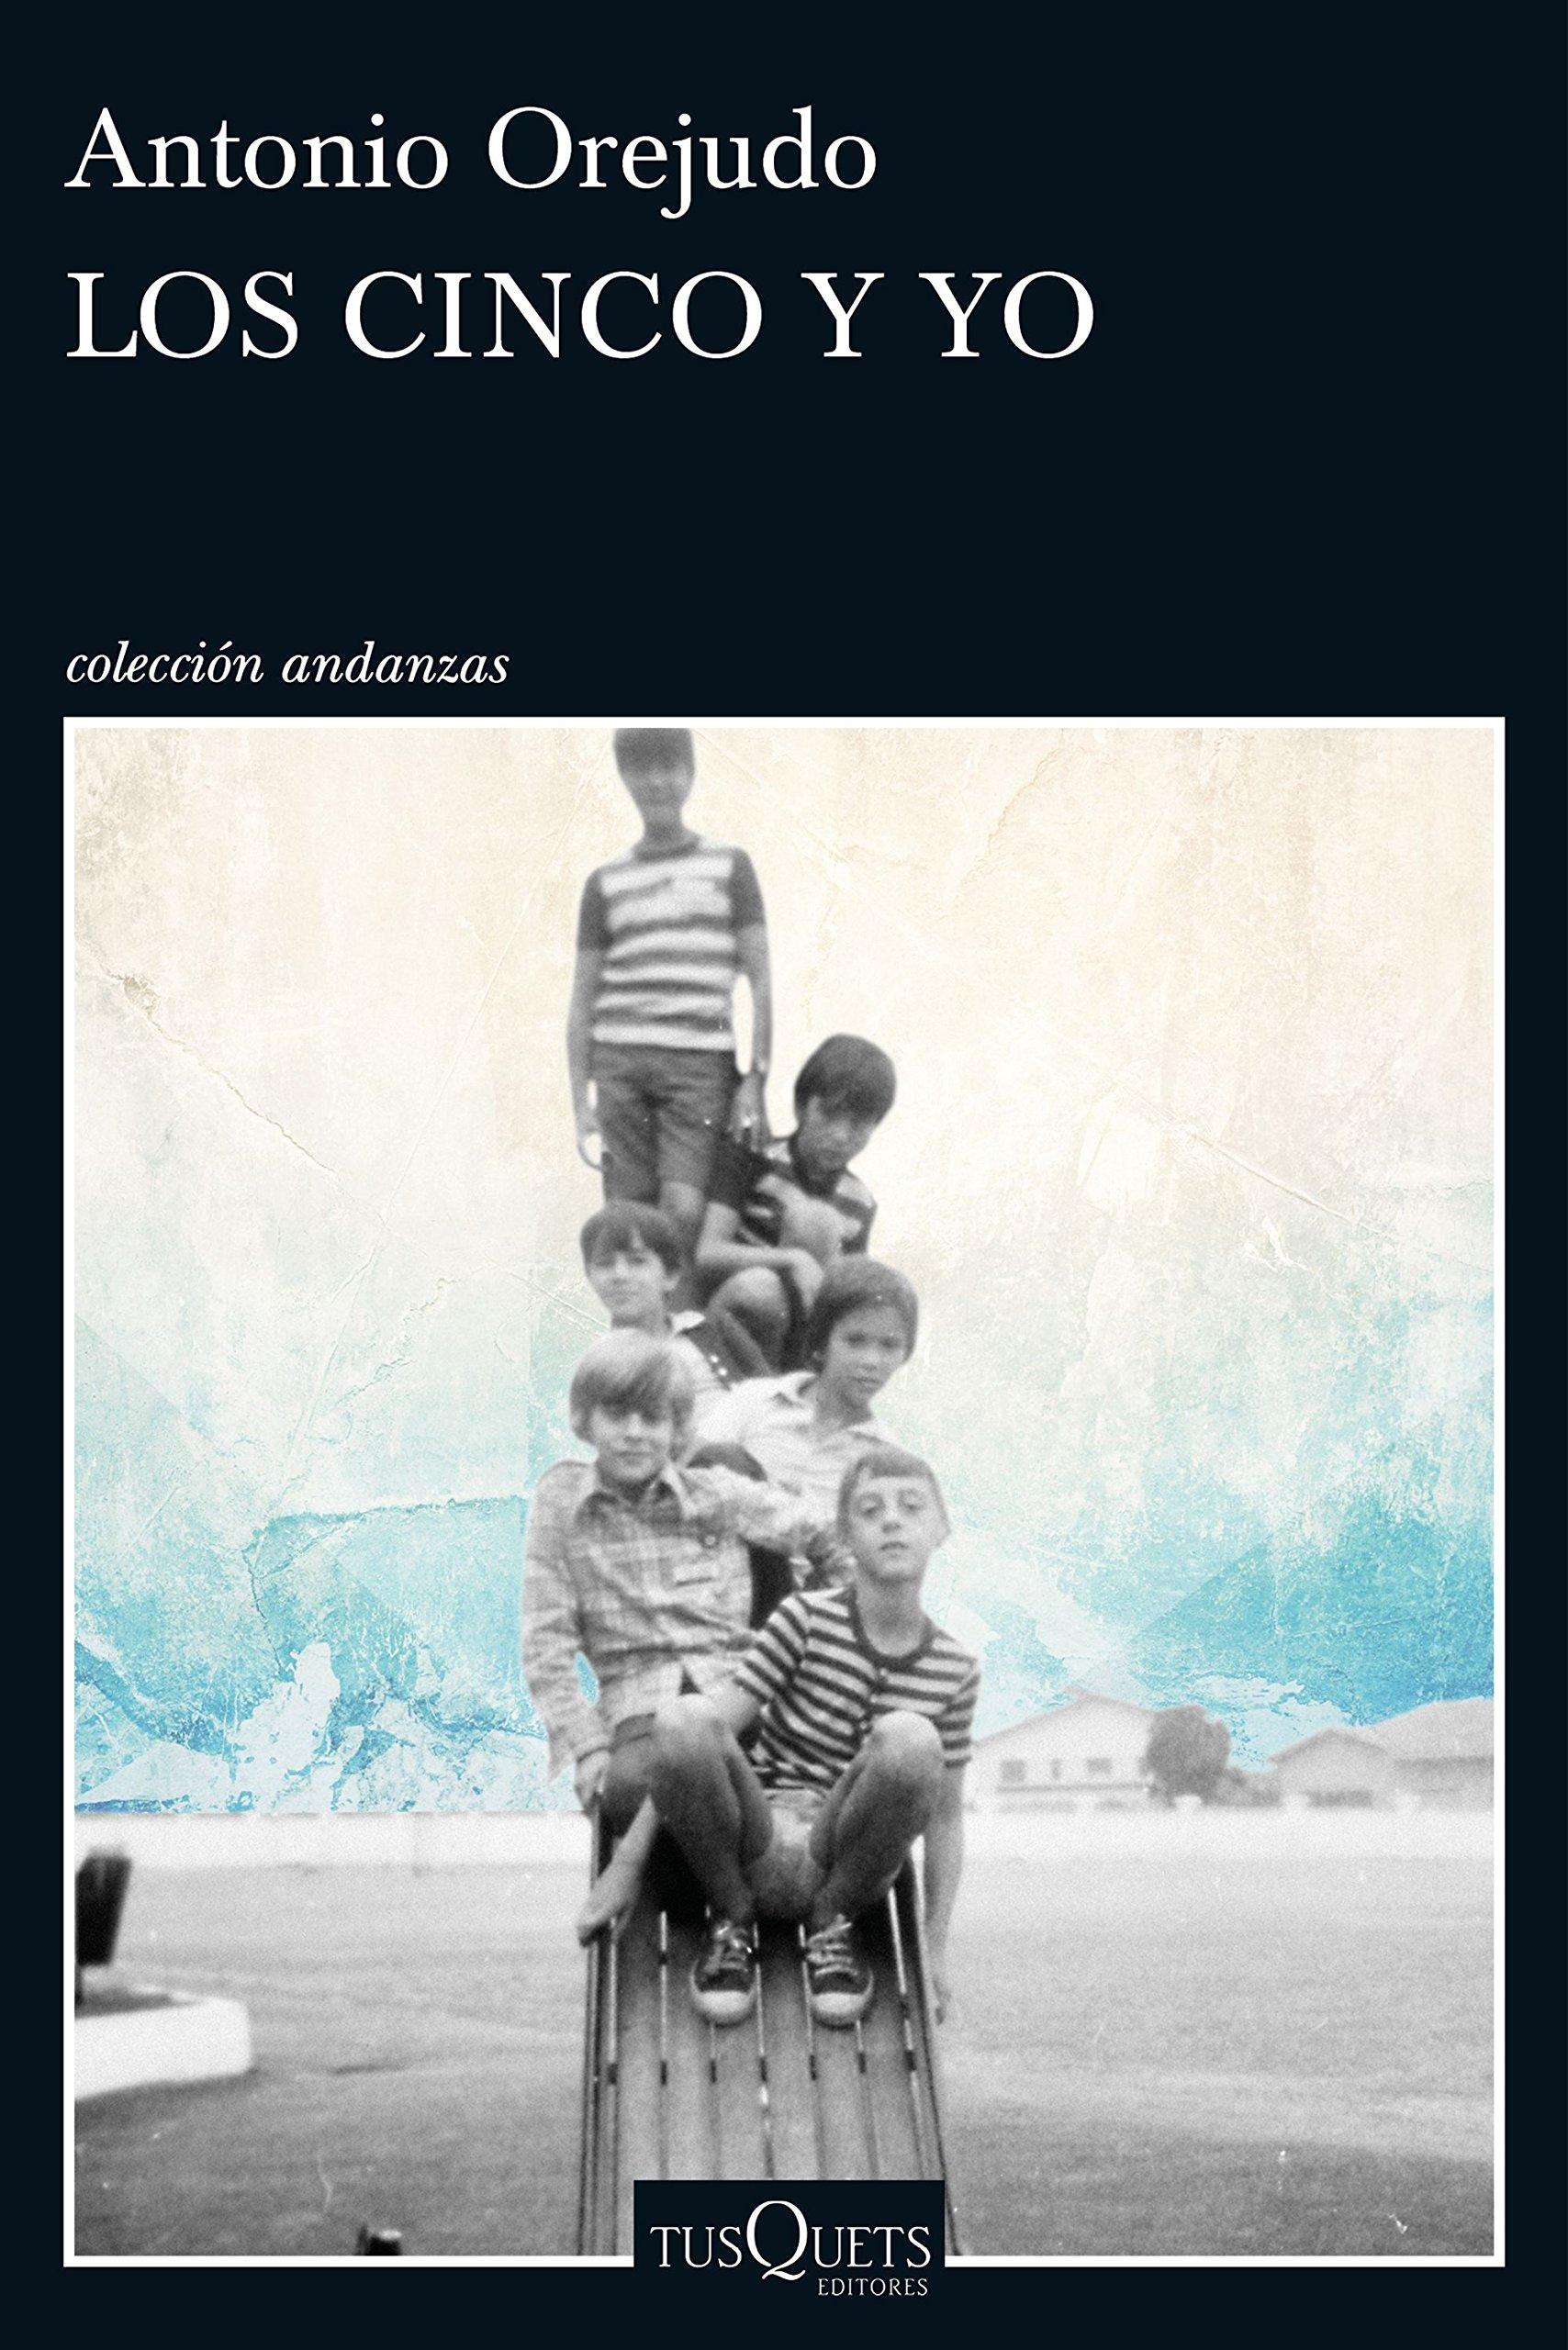 Los Cinco y yo (Andanzas): Amazon.es: Antonio Orejudo: Libros